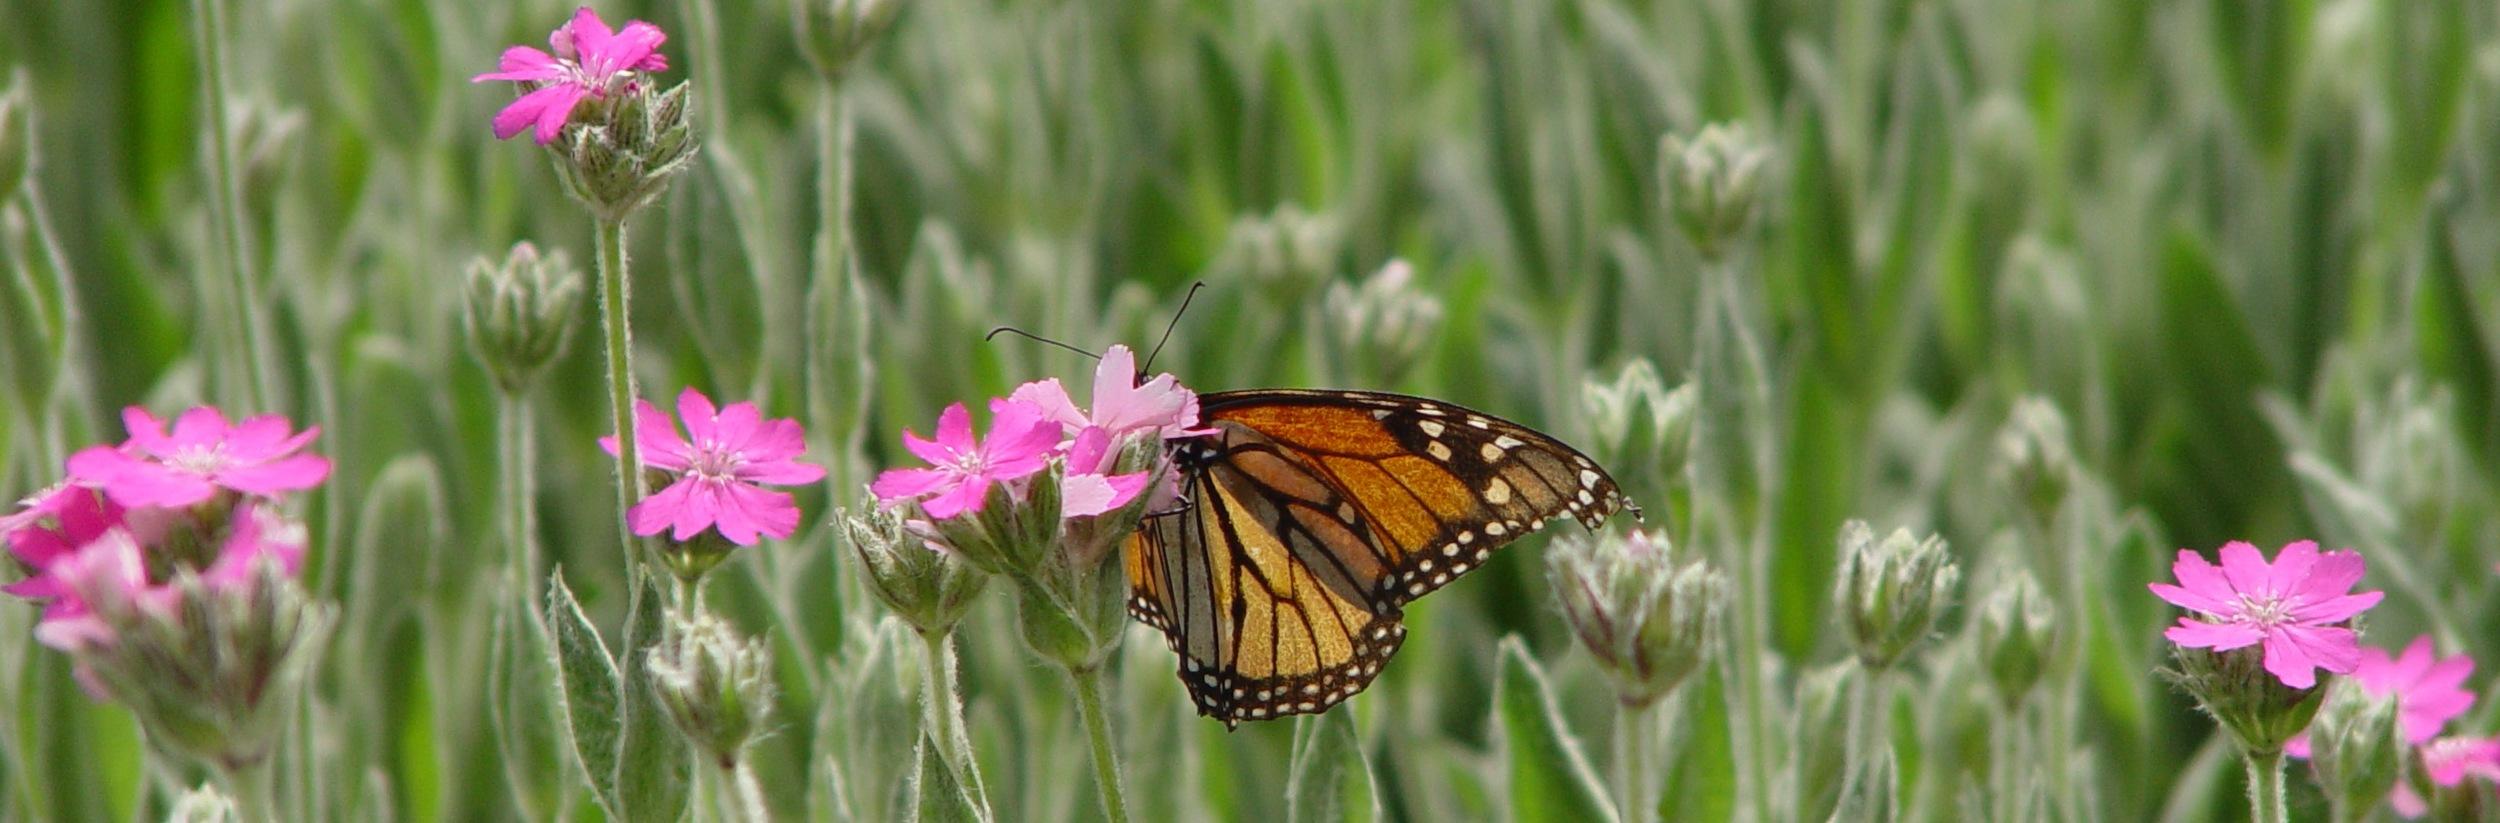 butterfly-in-field.JPG